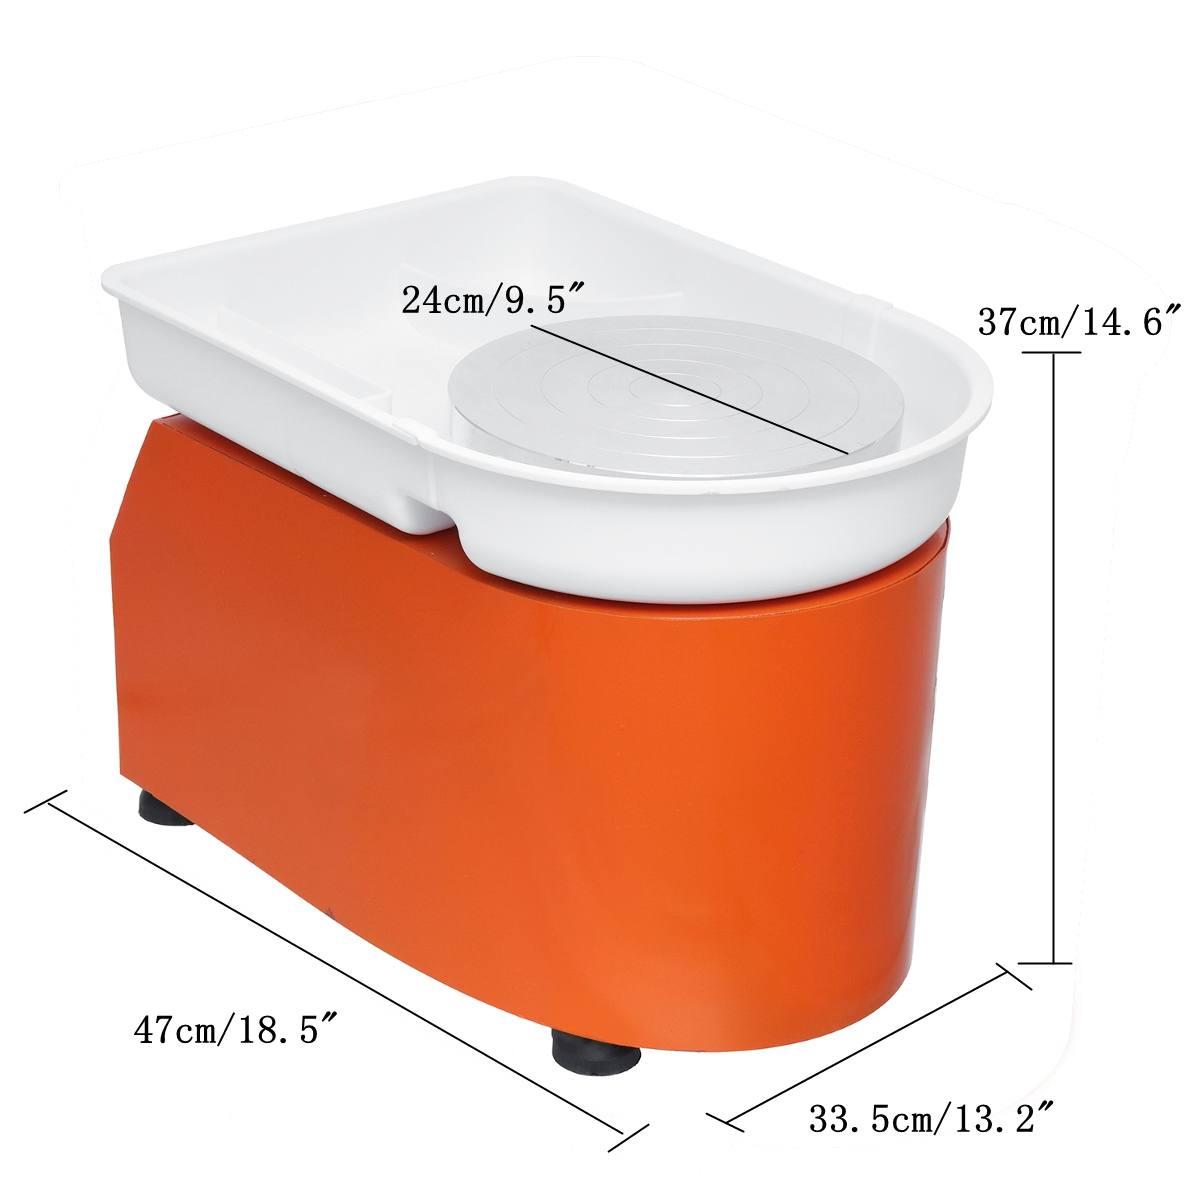 Poterie formant la Machine 110 V/220 V 350 W poterie électrique roue argile pour travaux pratiques outil avec plateau pédale Flexible pour les travaux en céramique - 5